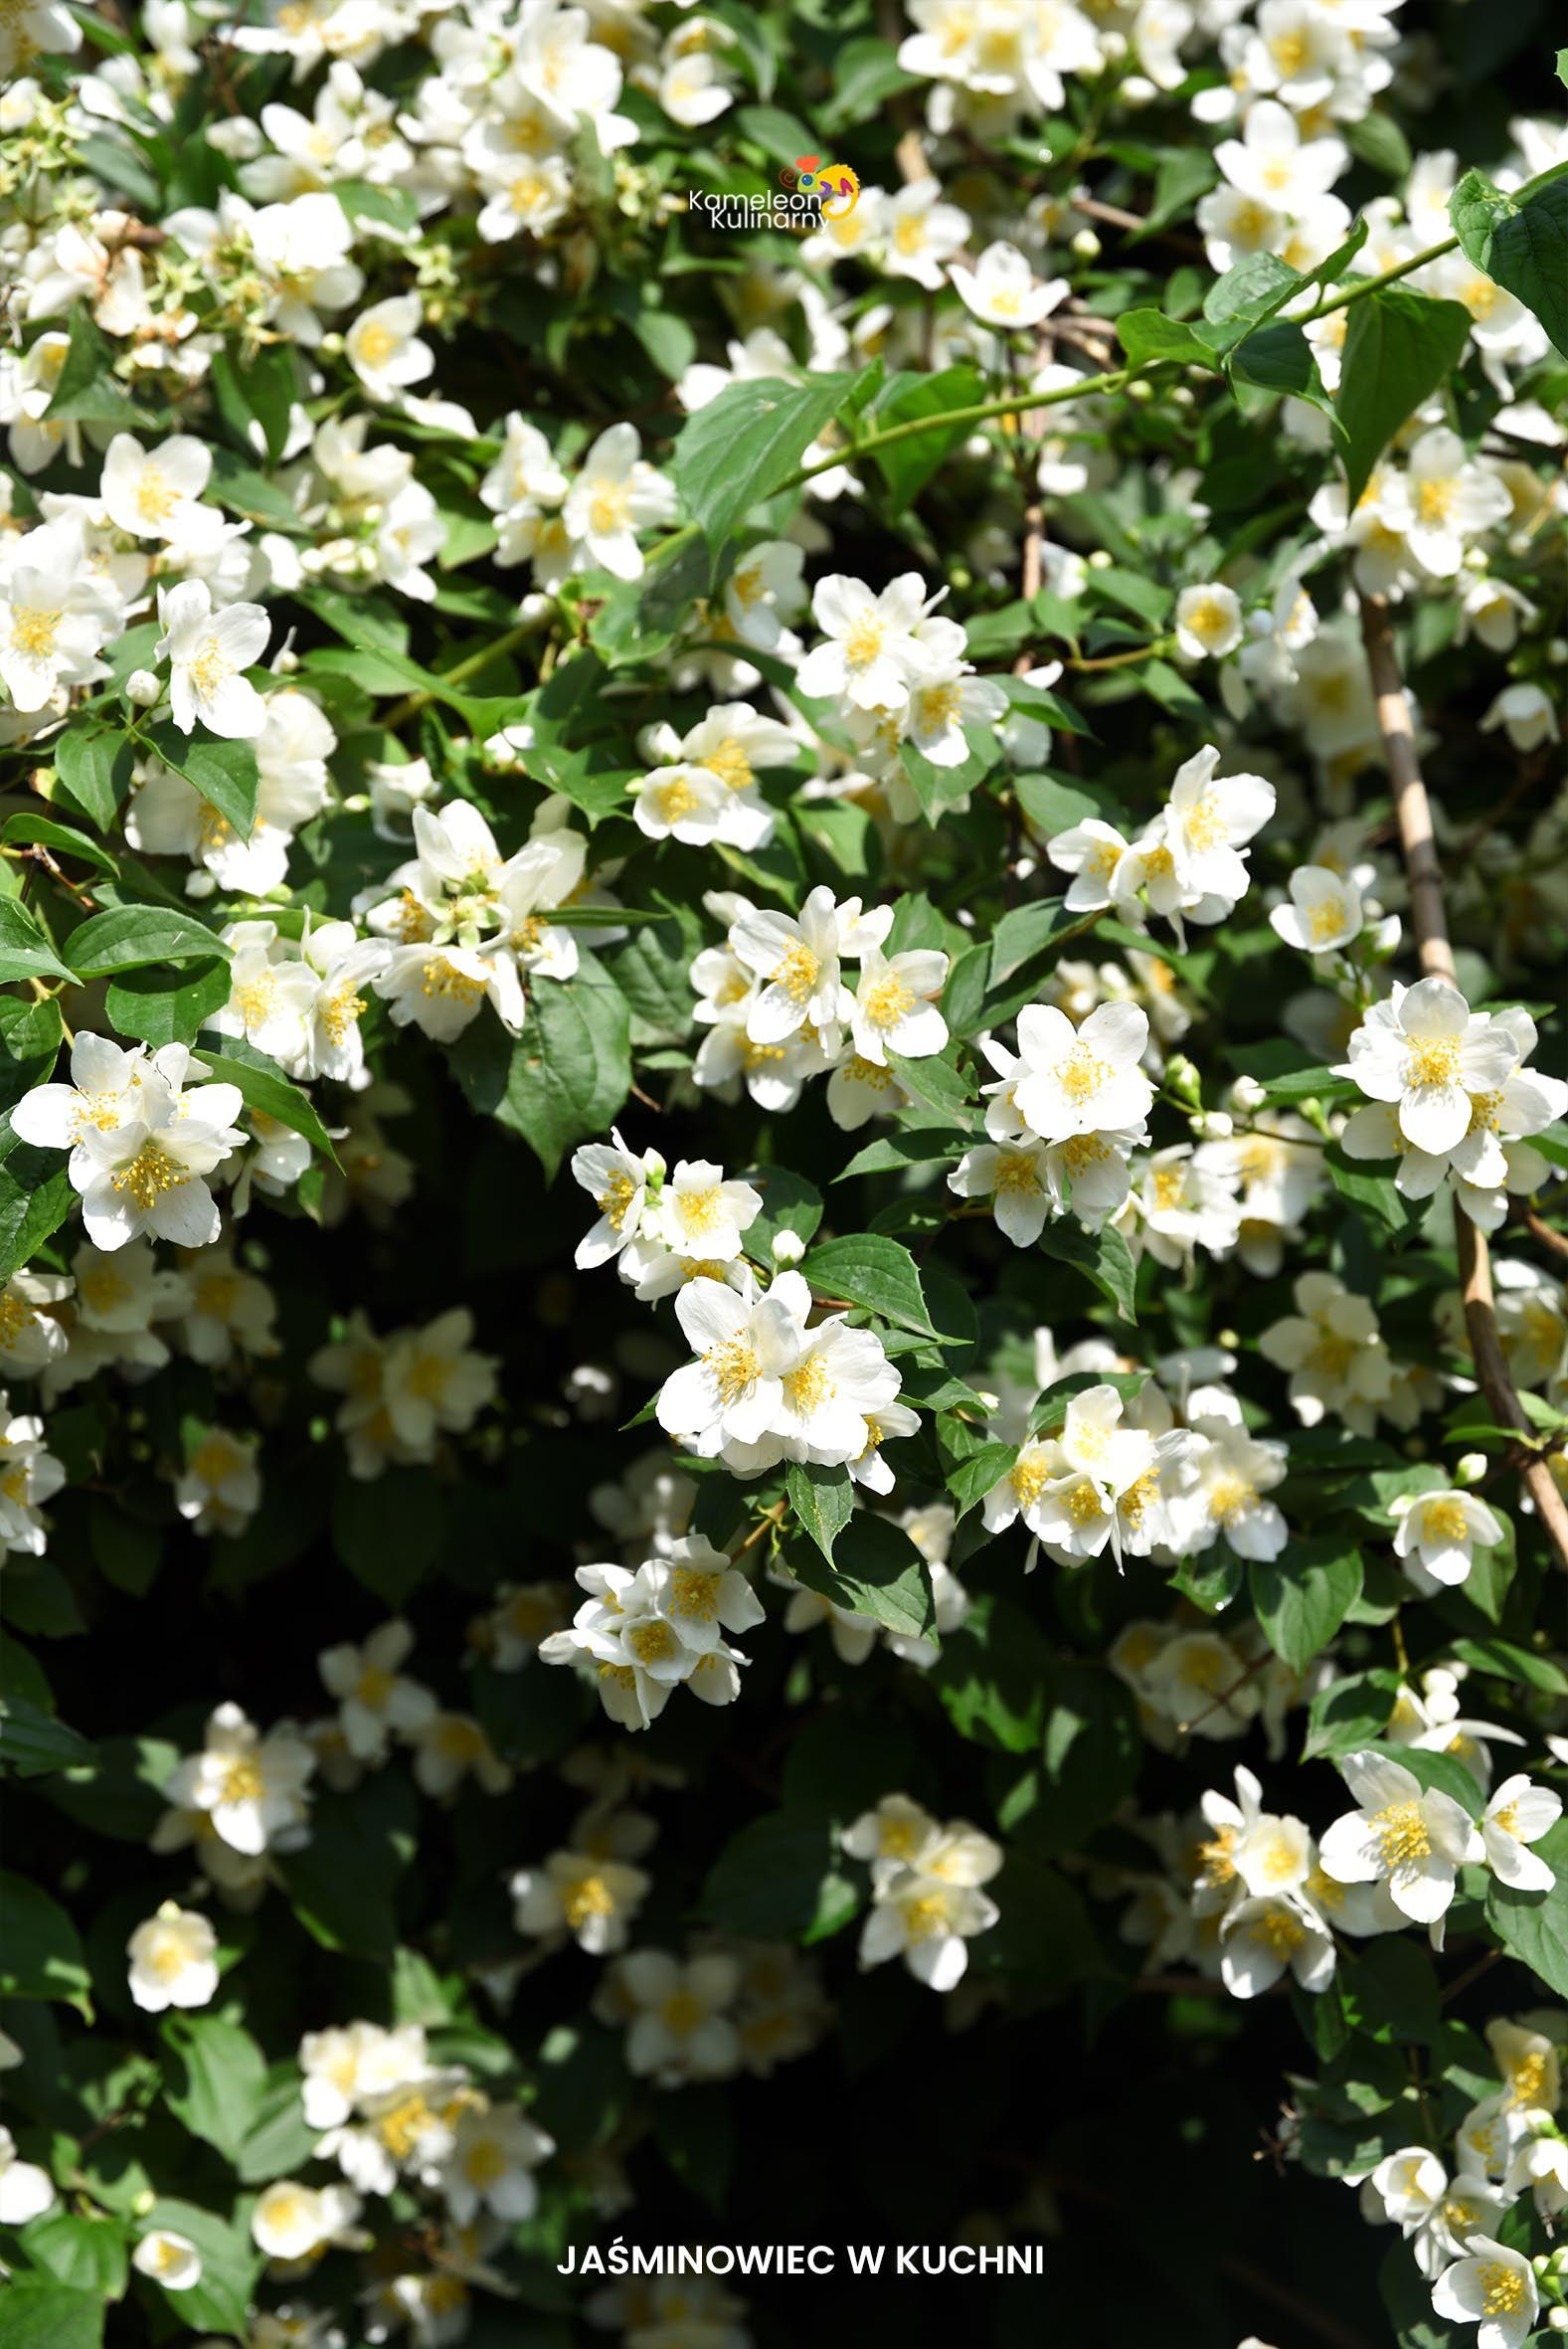 Syrop Z Kwiatow Platkow Jasminowca Jasminowiec W Kuchni Plants